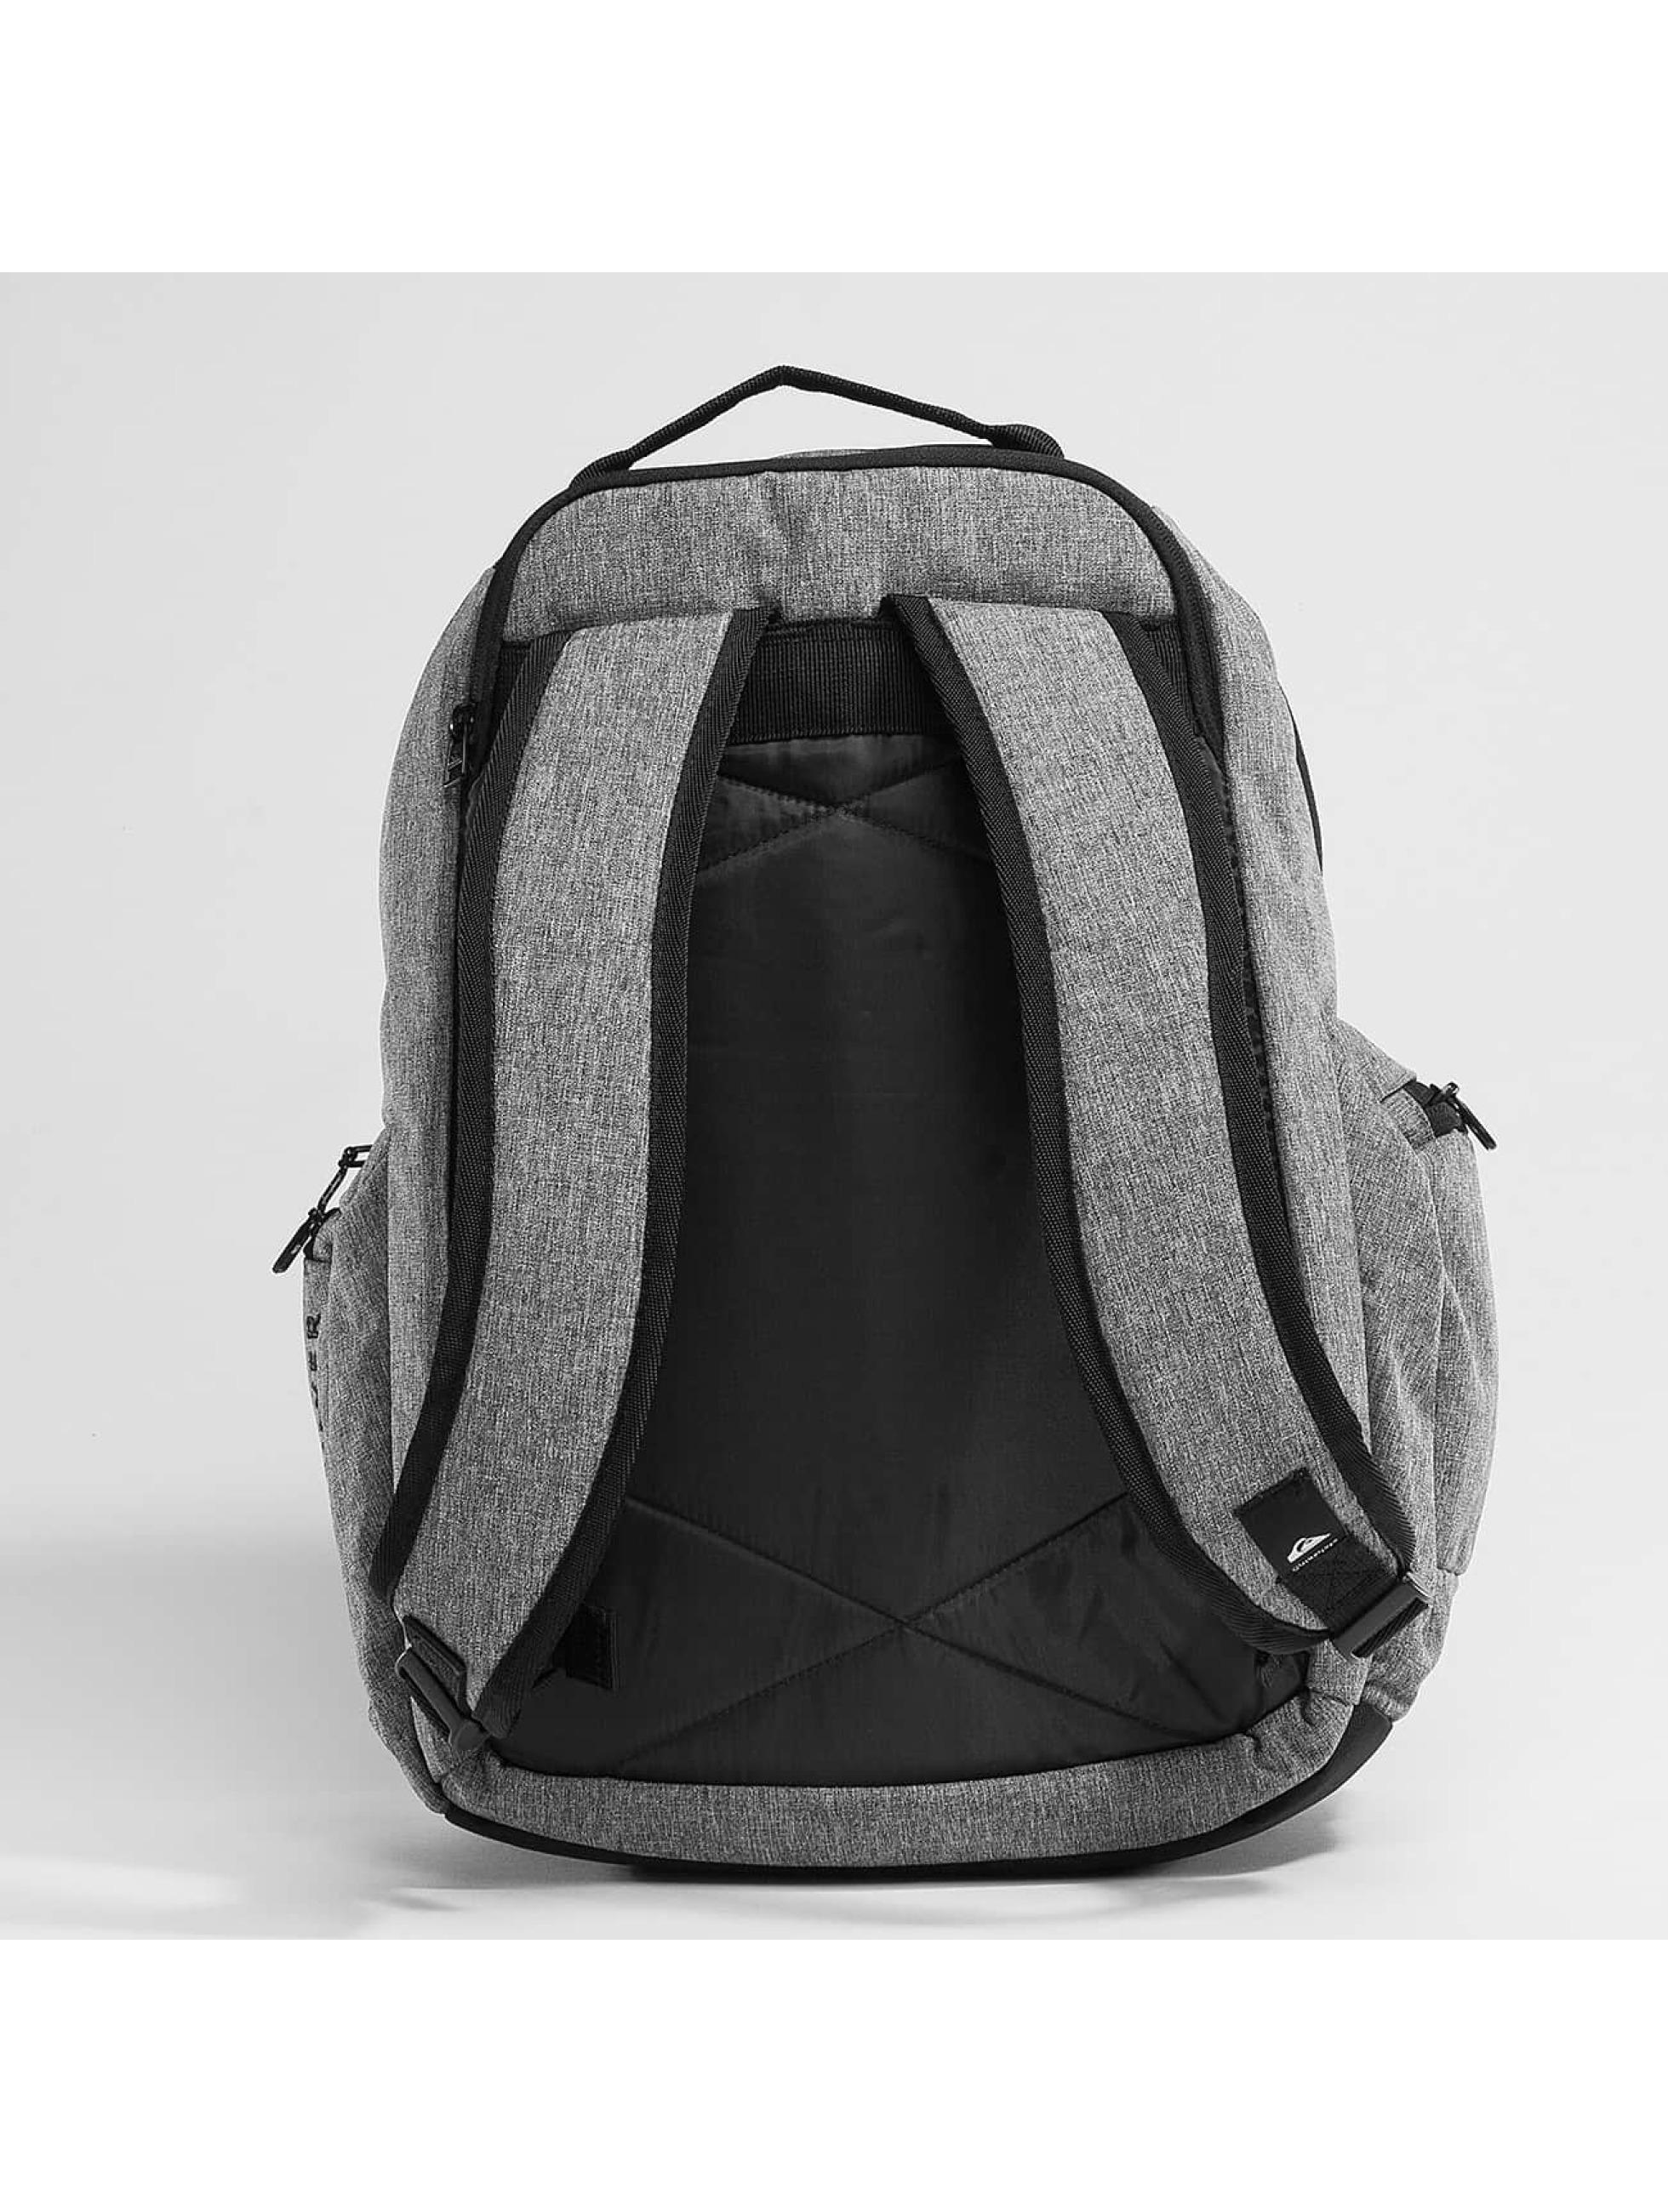 Quiksilver Backpack Schoolie gray